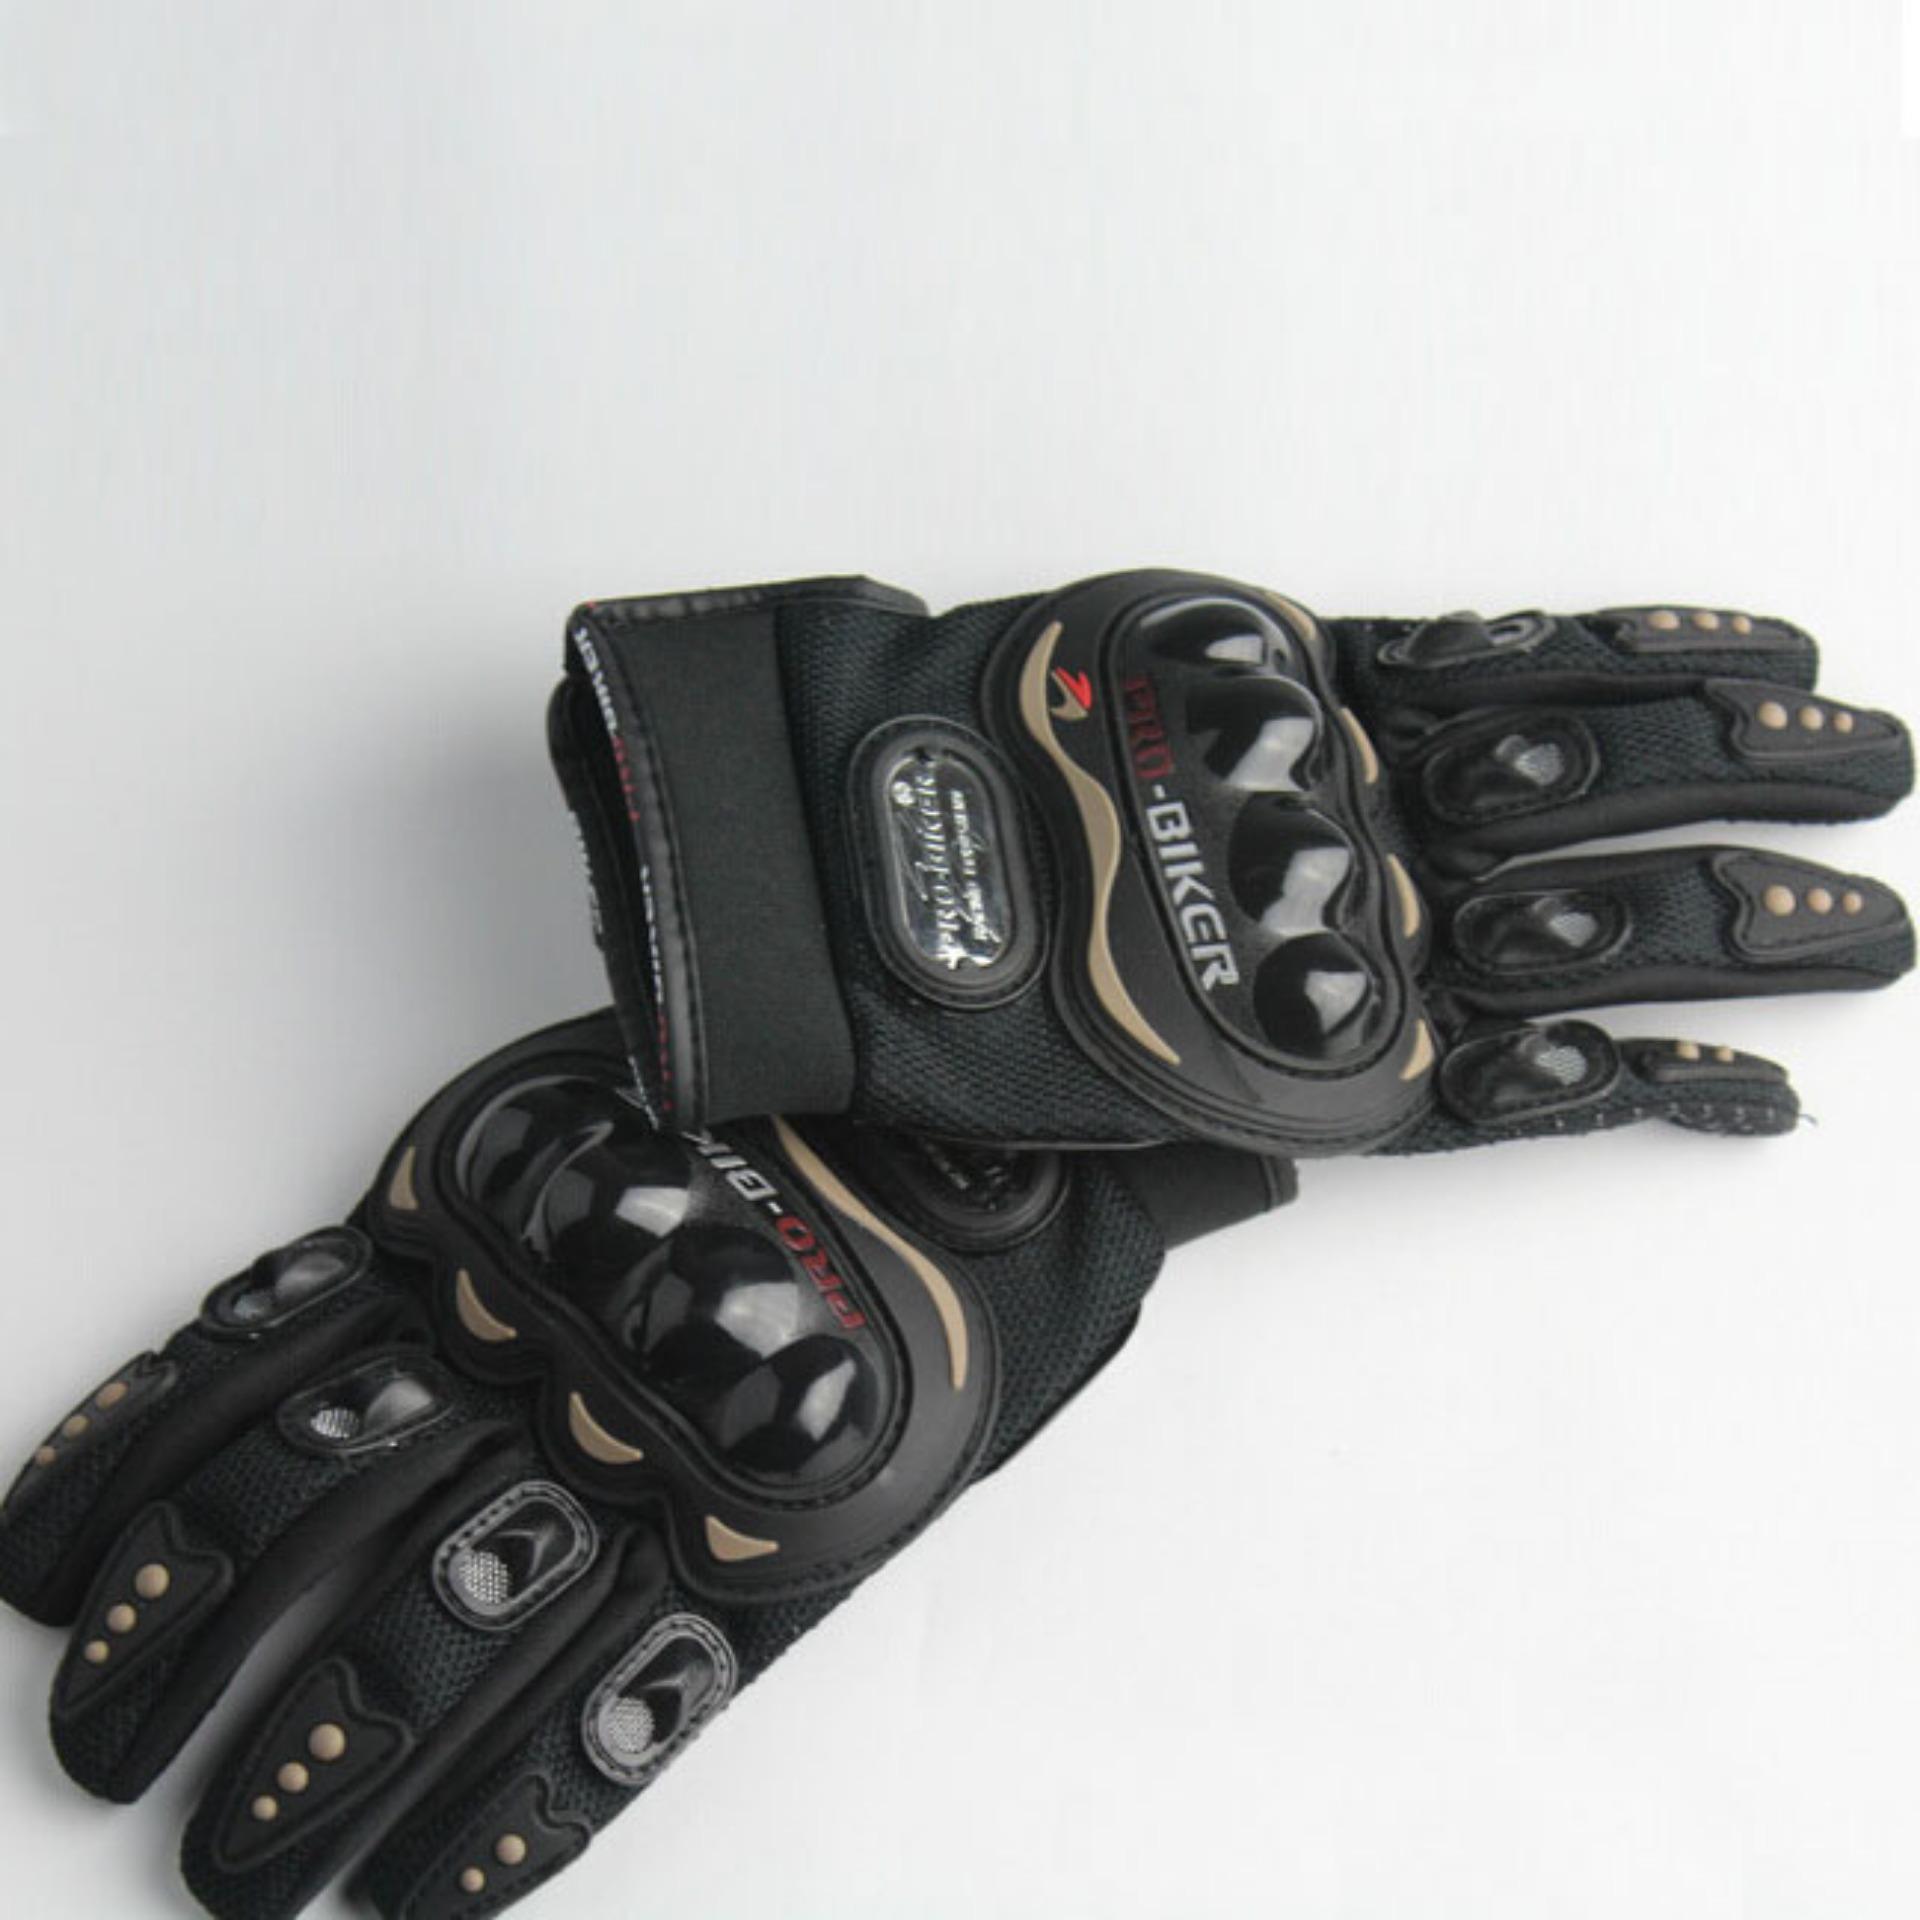 Bao tay Full ngón bảo vệ phượt thủ – Chống lạnh – Quốc tế – GT101F